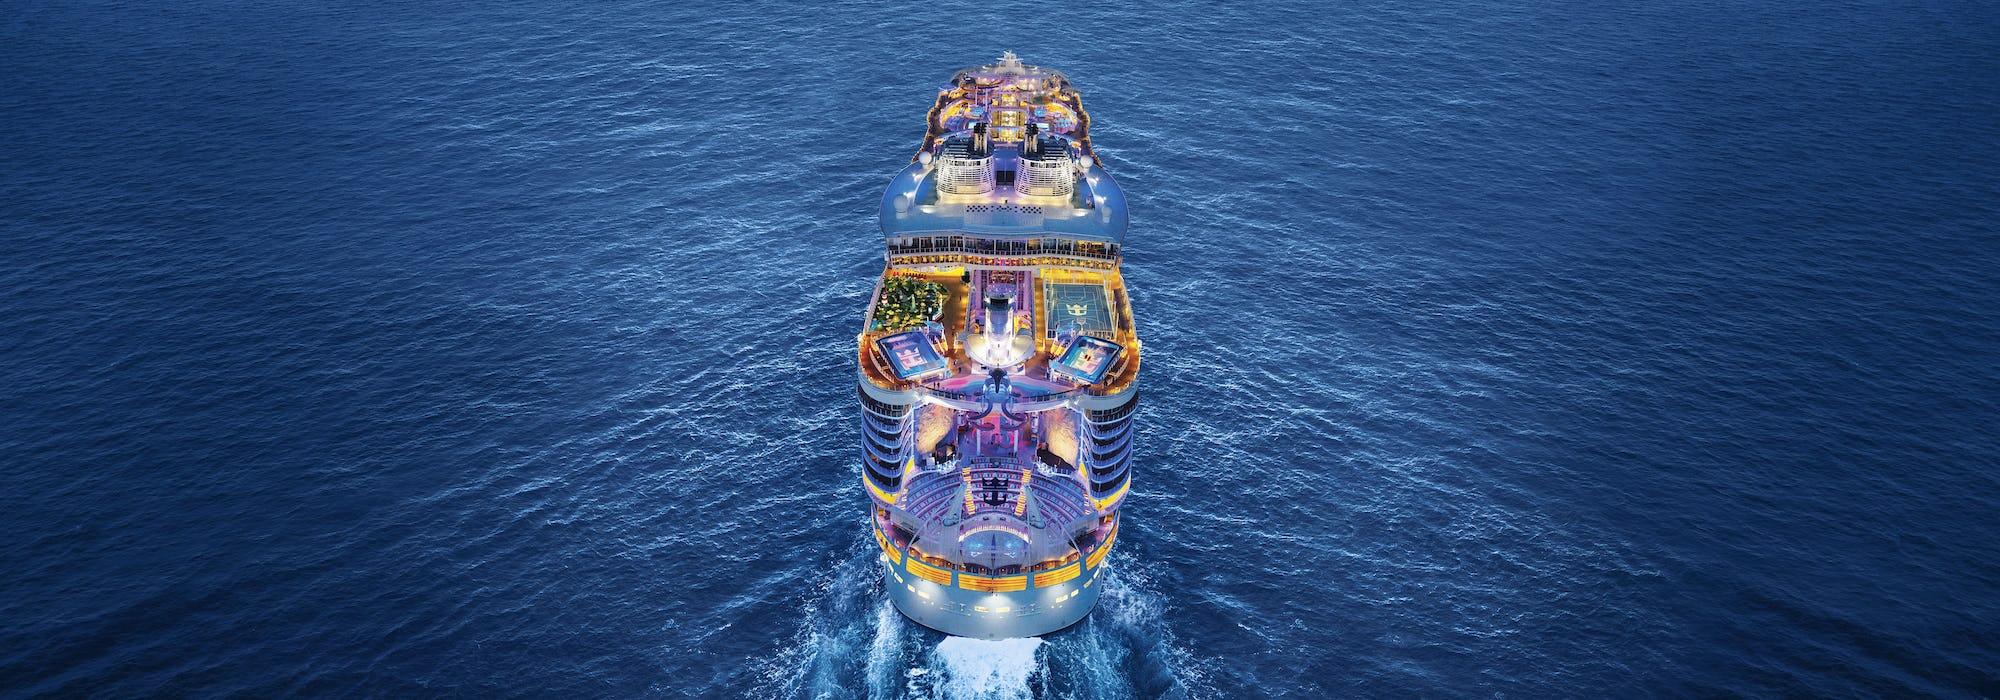 Royal Caribbean cruise ship at sea